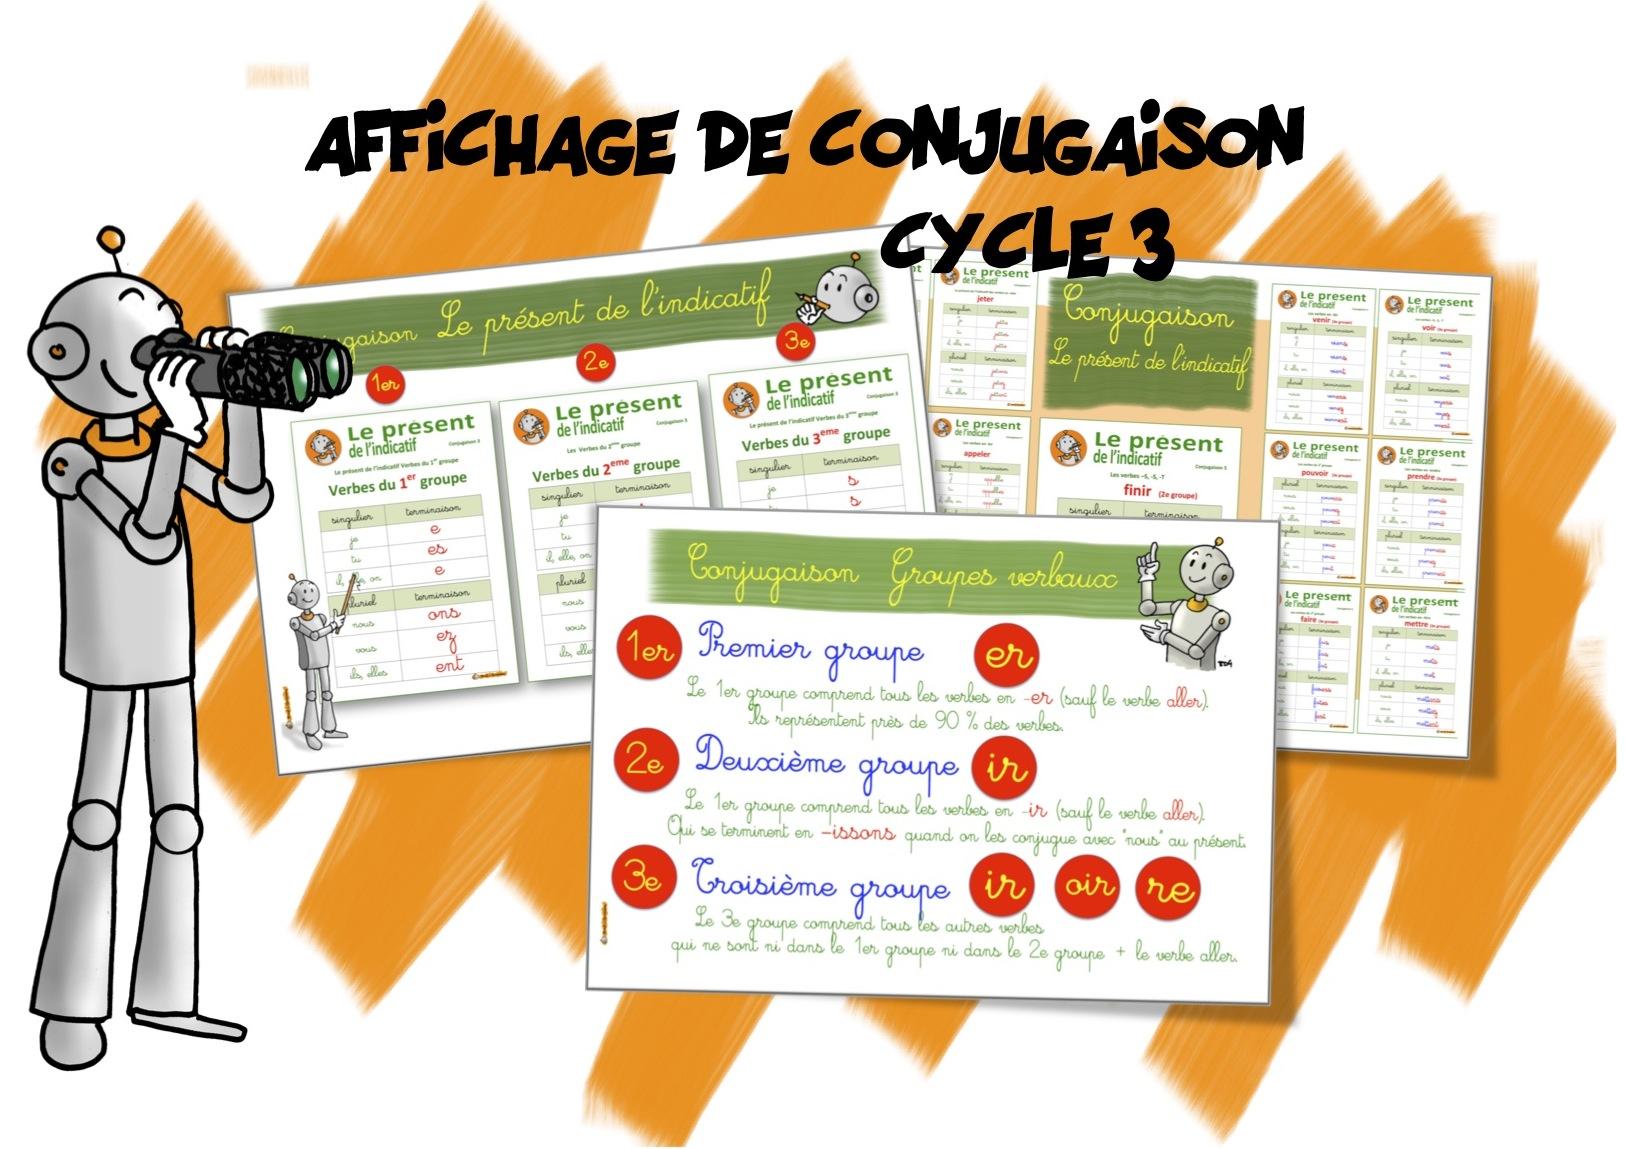 Affichage conjugaison cycle 3 bout de gomme - Conjugaison cm2 a imprimer ...